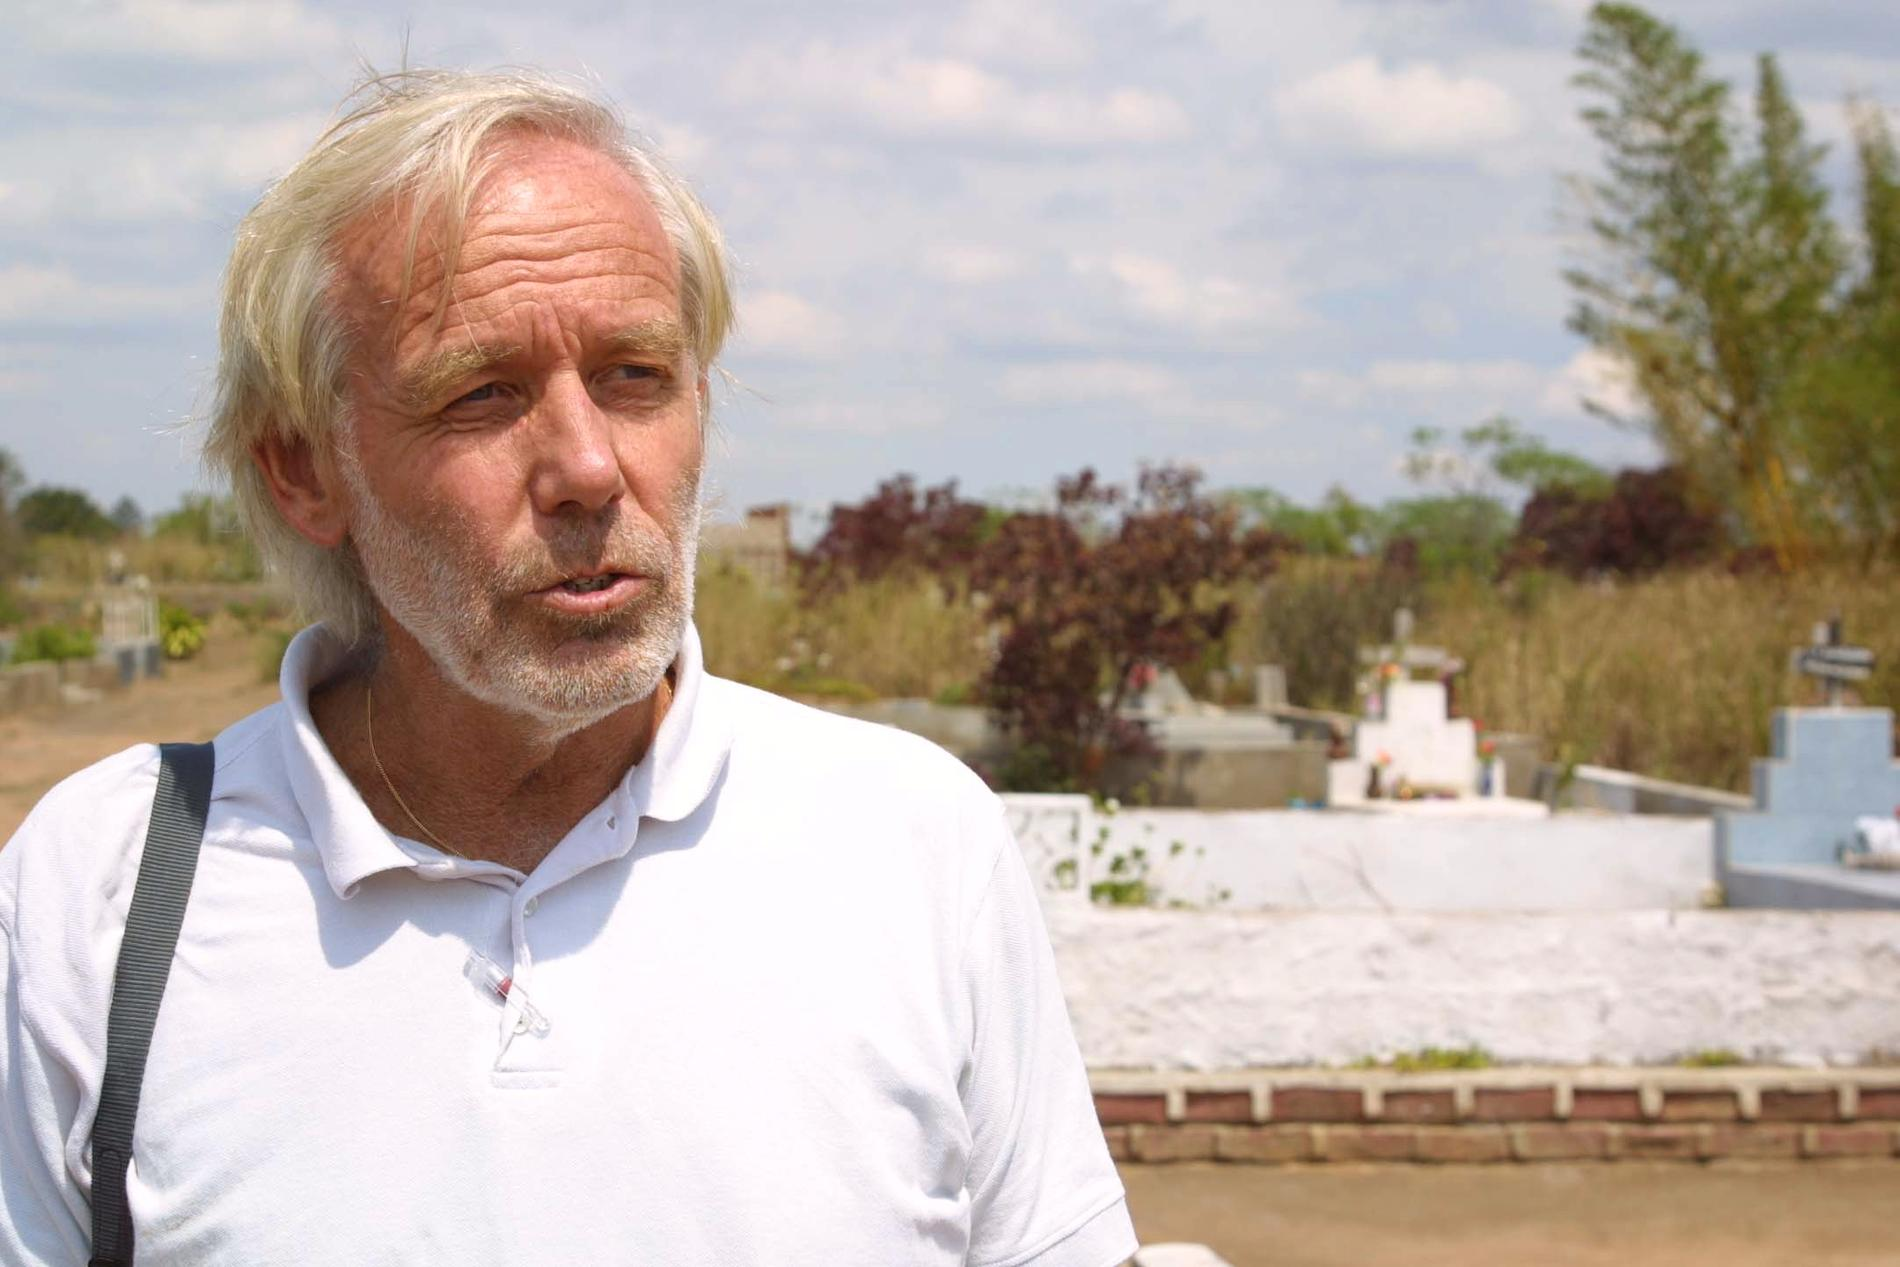 Staffan Bergström, pensionerad legitimerad läkare, har anmält sig själv för att ha försett en svårt sjuk man med en dödlig dos sömnmedel.